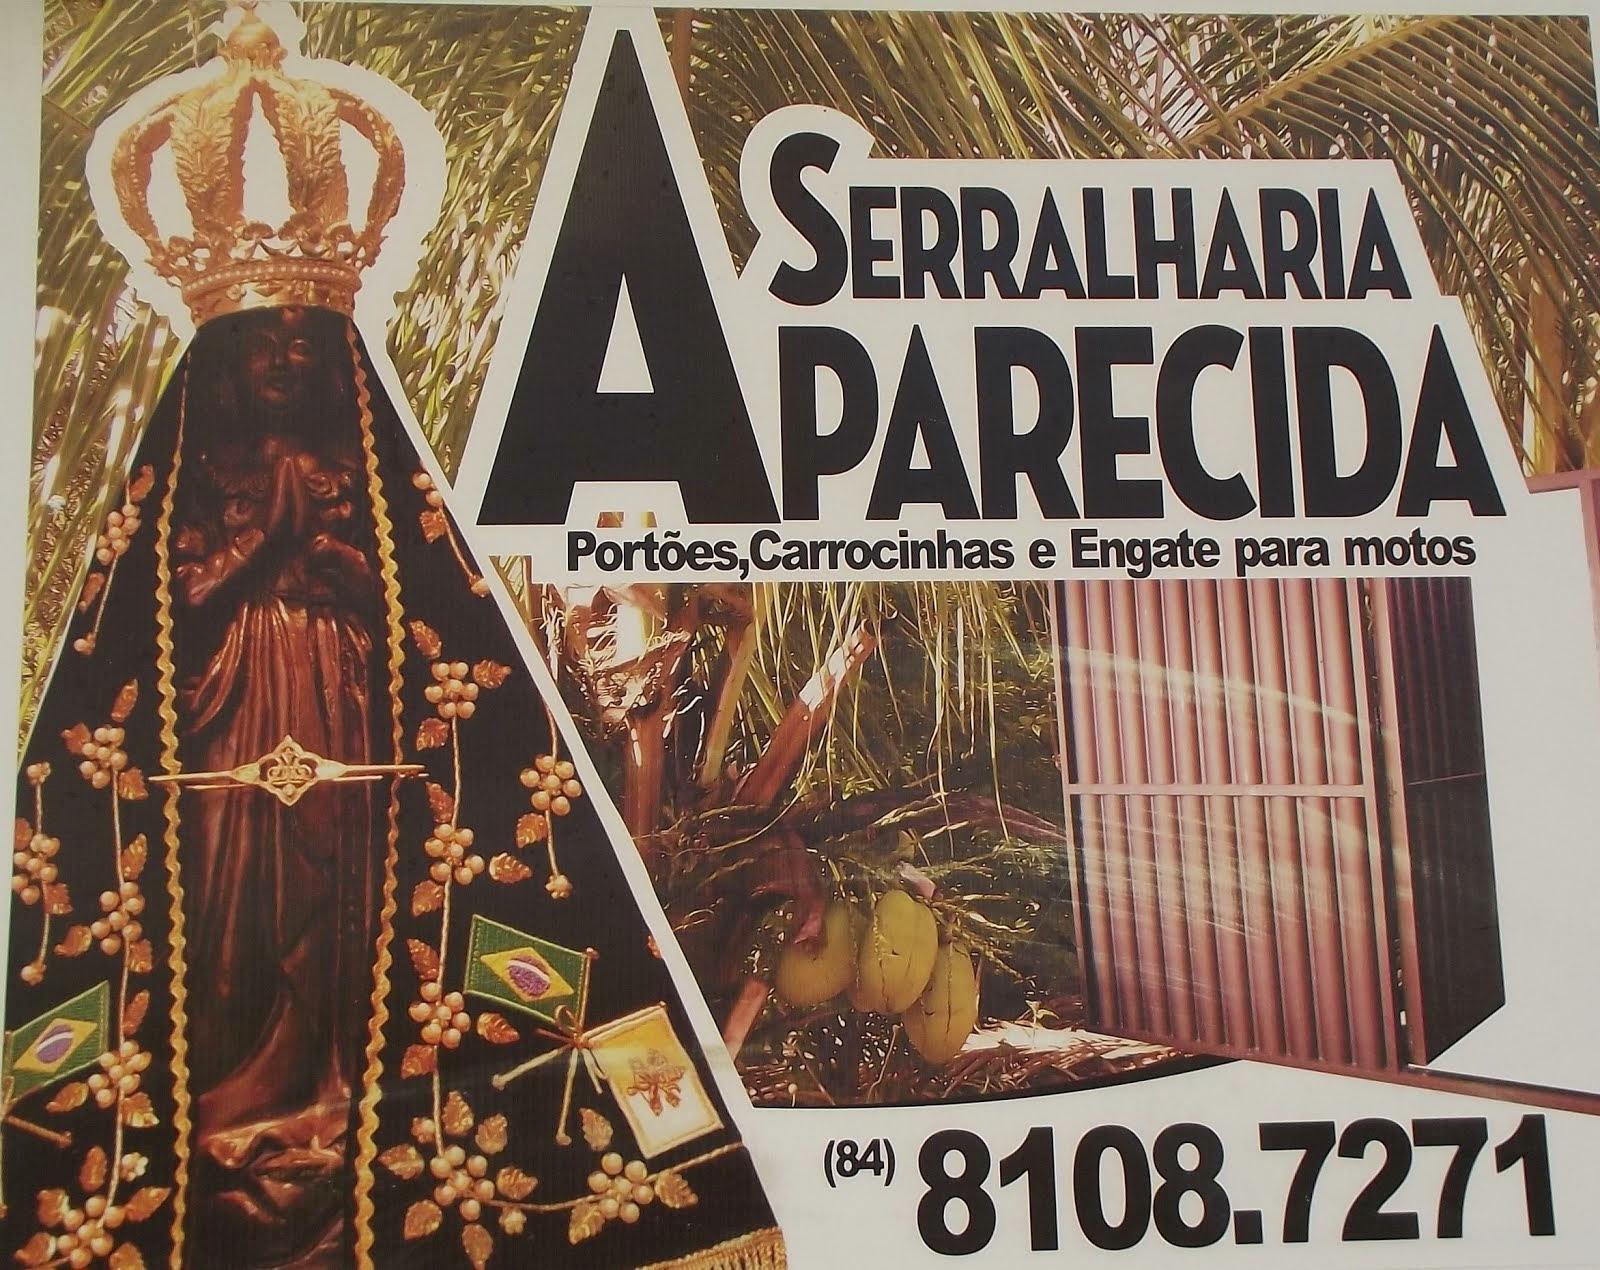 Serralharia